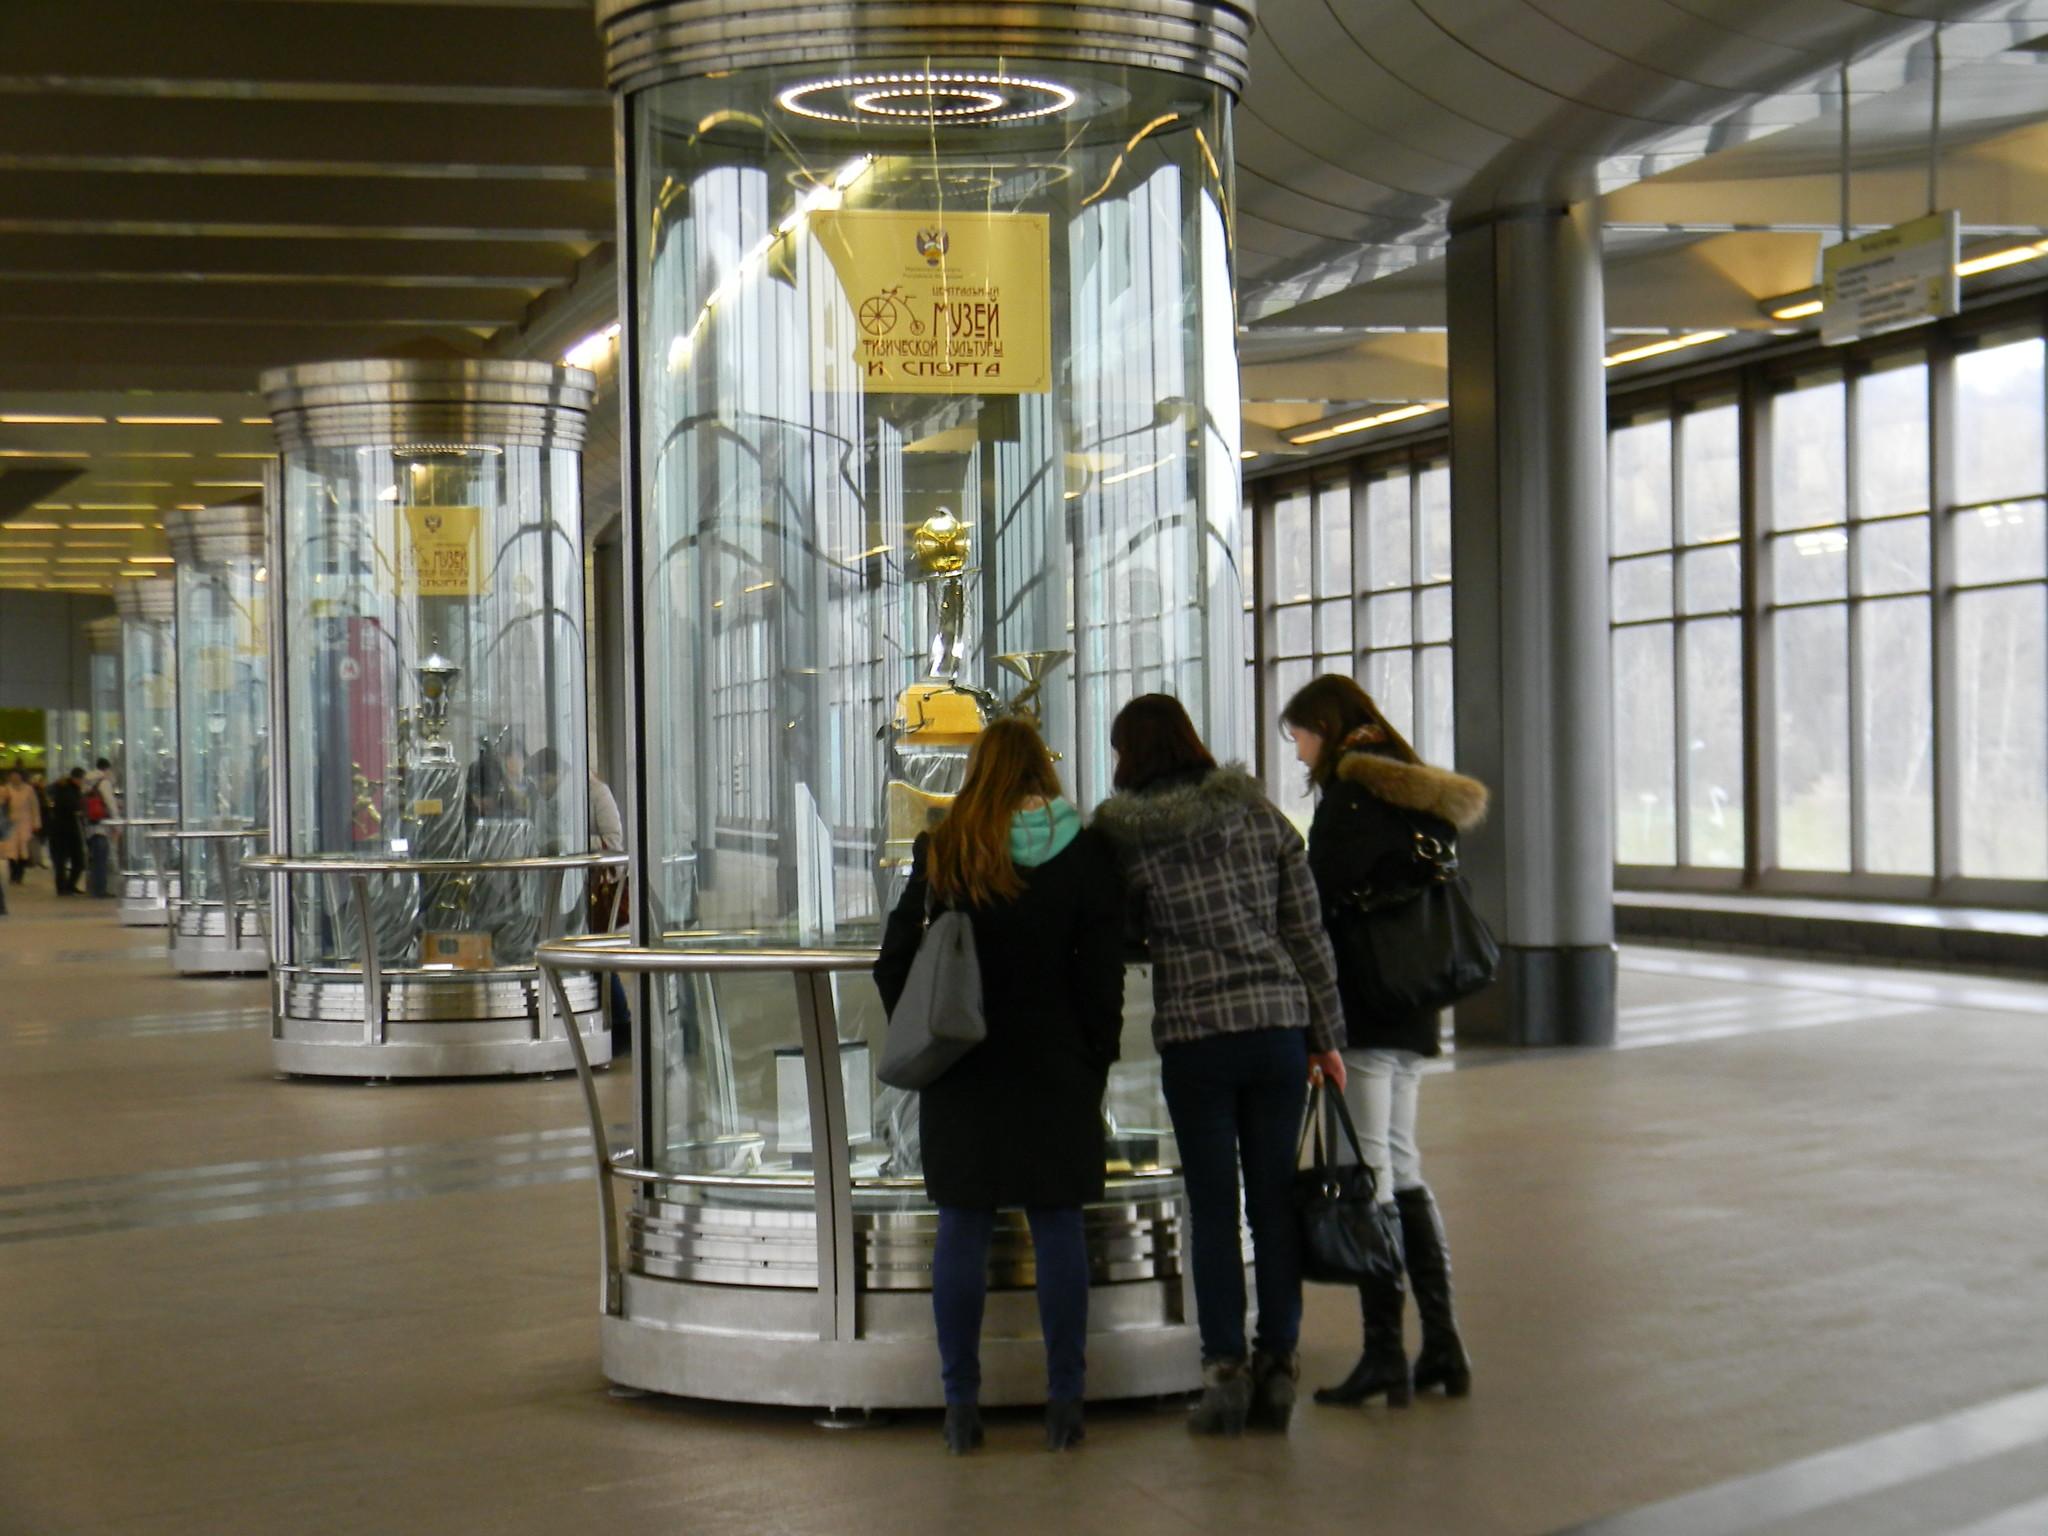 Экспонаты из собраний Государственного музея спорта на станции «Воробьёвы горы» Сокольнической линии. Ноябрь 2012 года